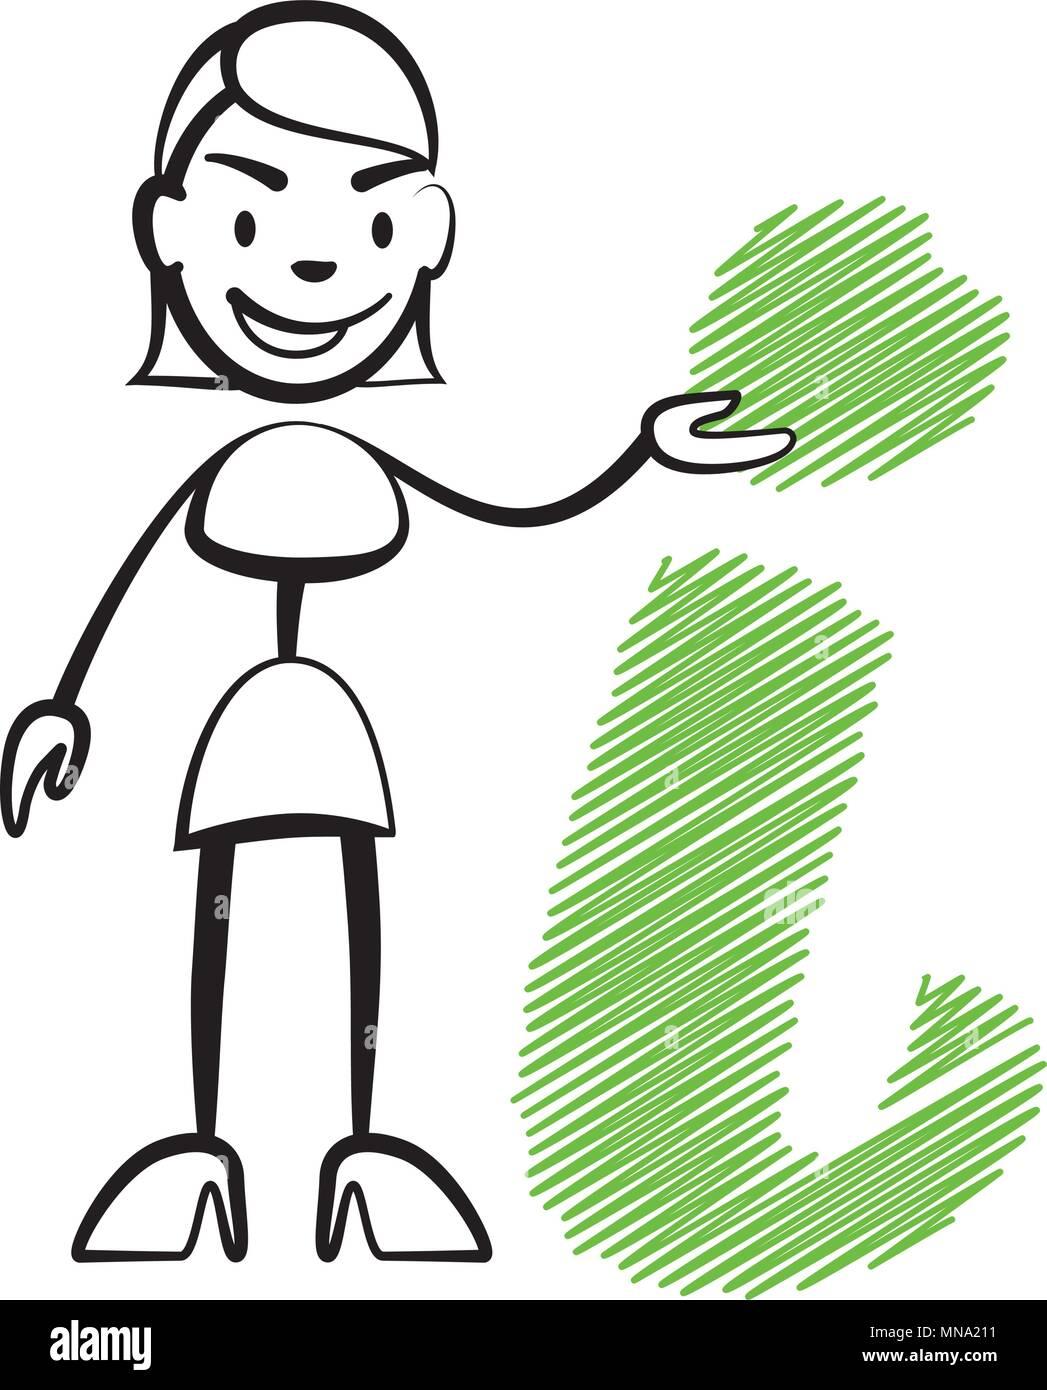 Strichmännchen Frau Mit Info Schild Stickman Vektor Zeichnung Auf